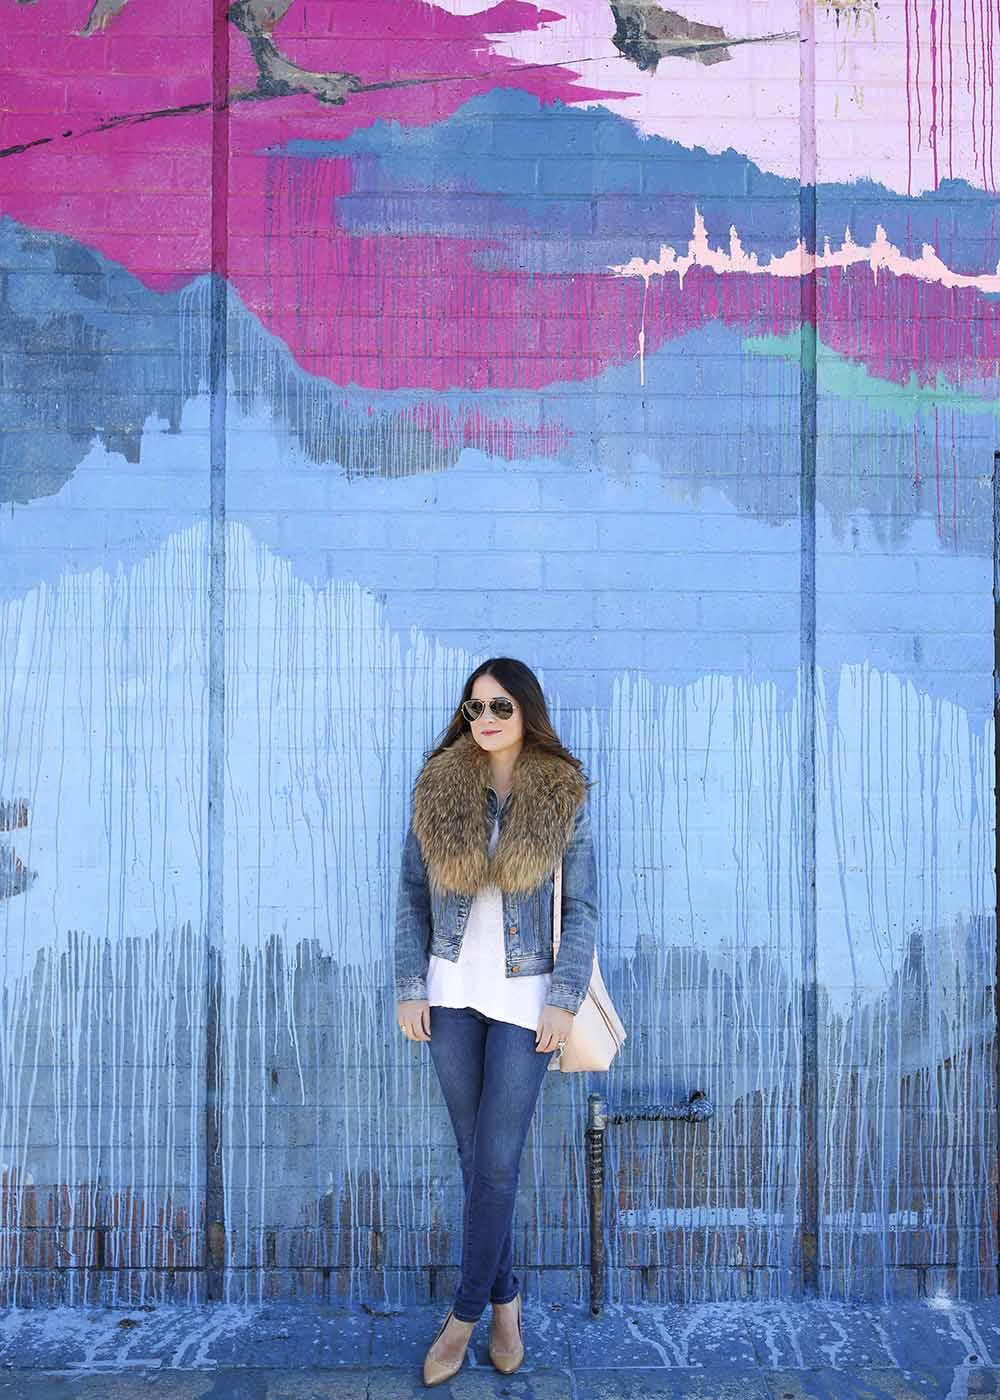 Los Angeles Kim West Street Art Mural